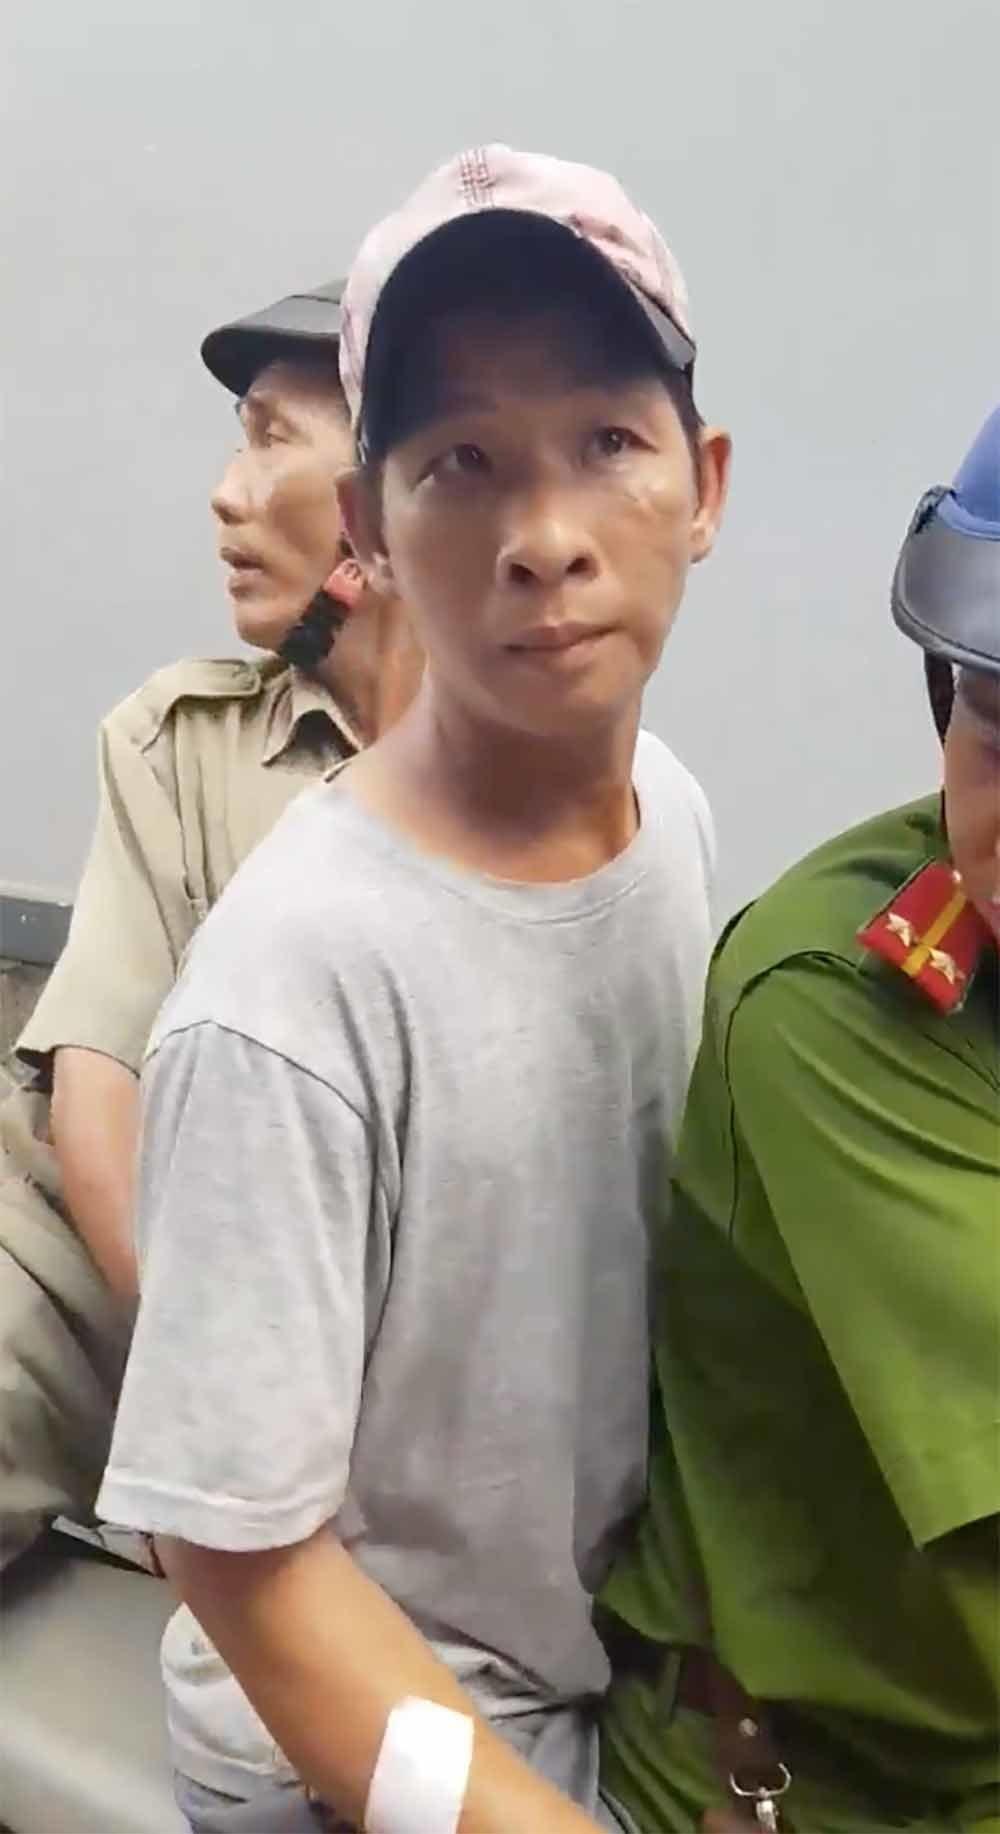 Tạm giữ cha dượng hành hạ, dí thuốc lá vào vùng kín bé gái 6 tuổi